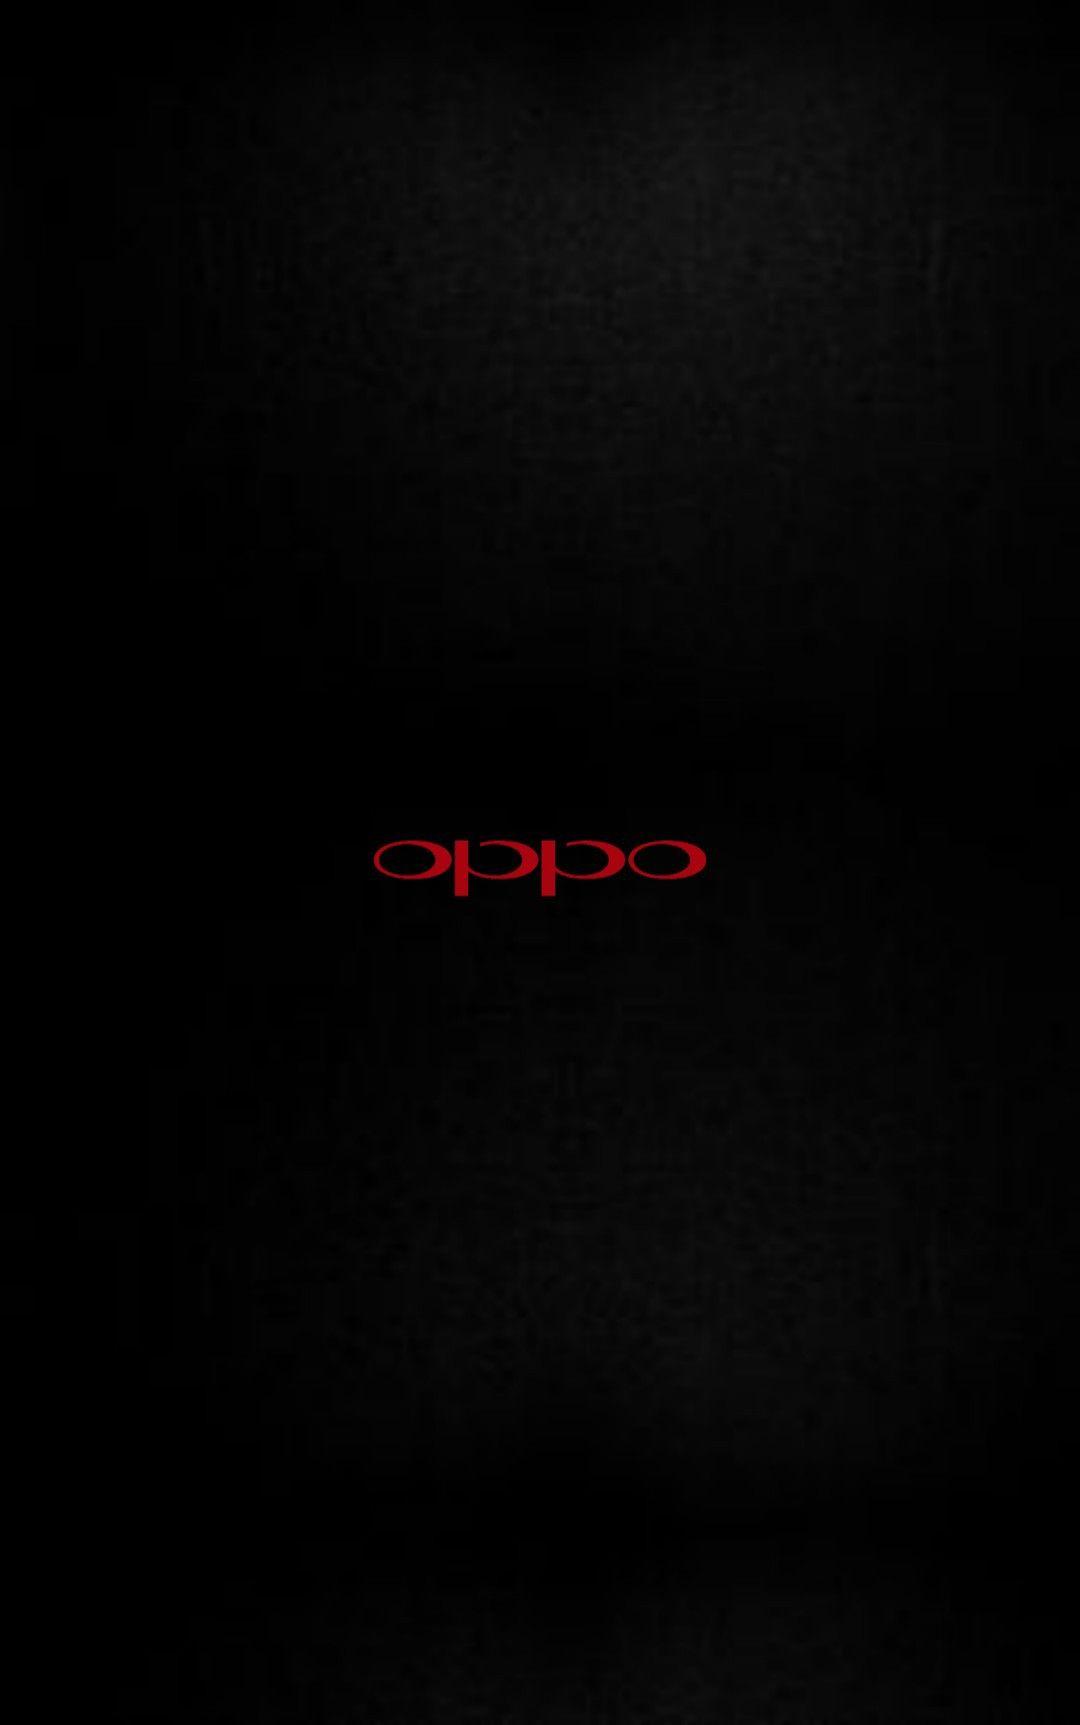 Unduh 8300 Background Black Logo Terbaik